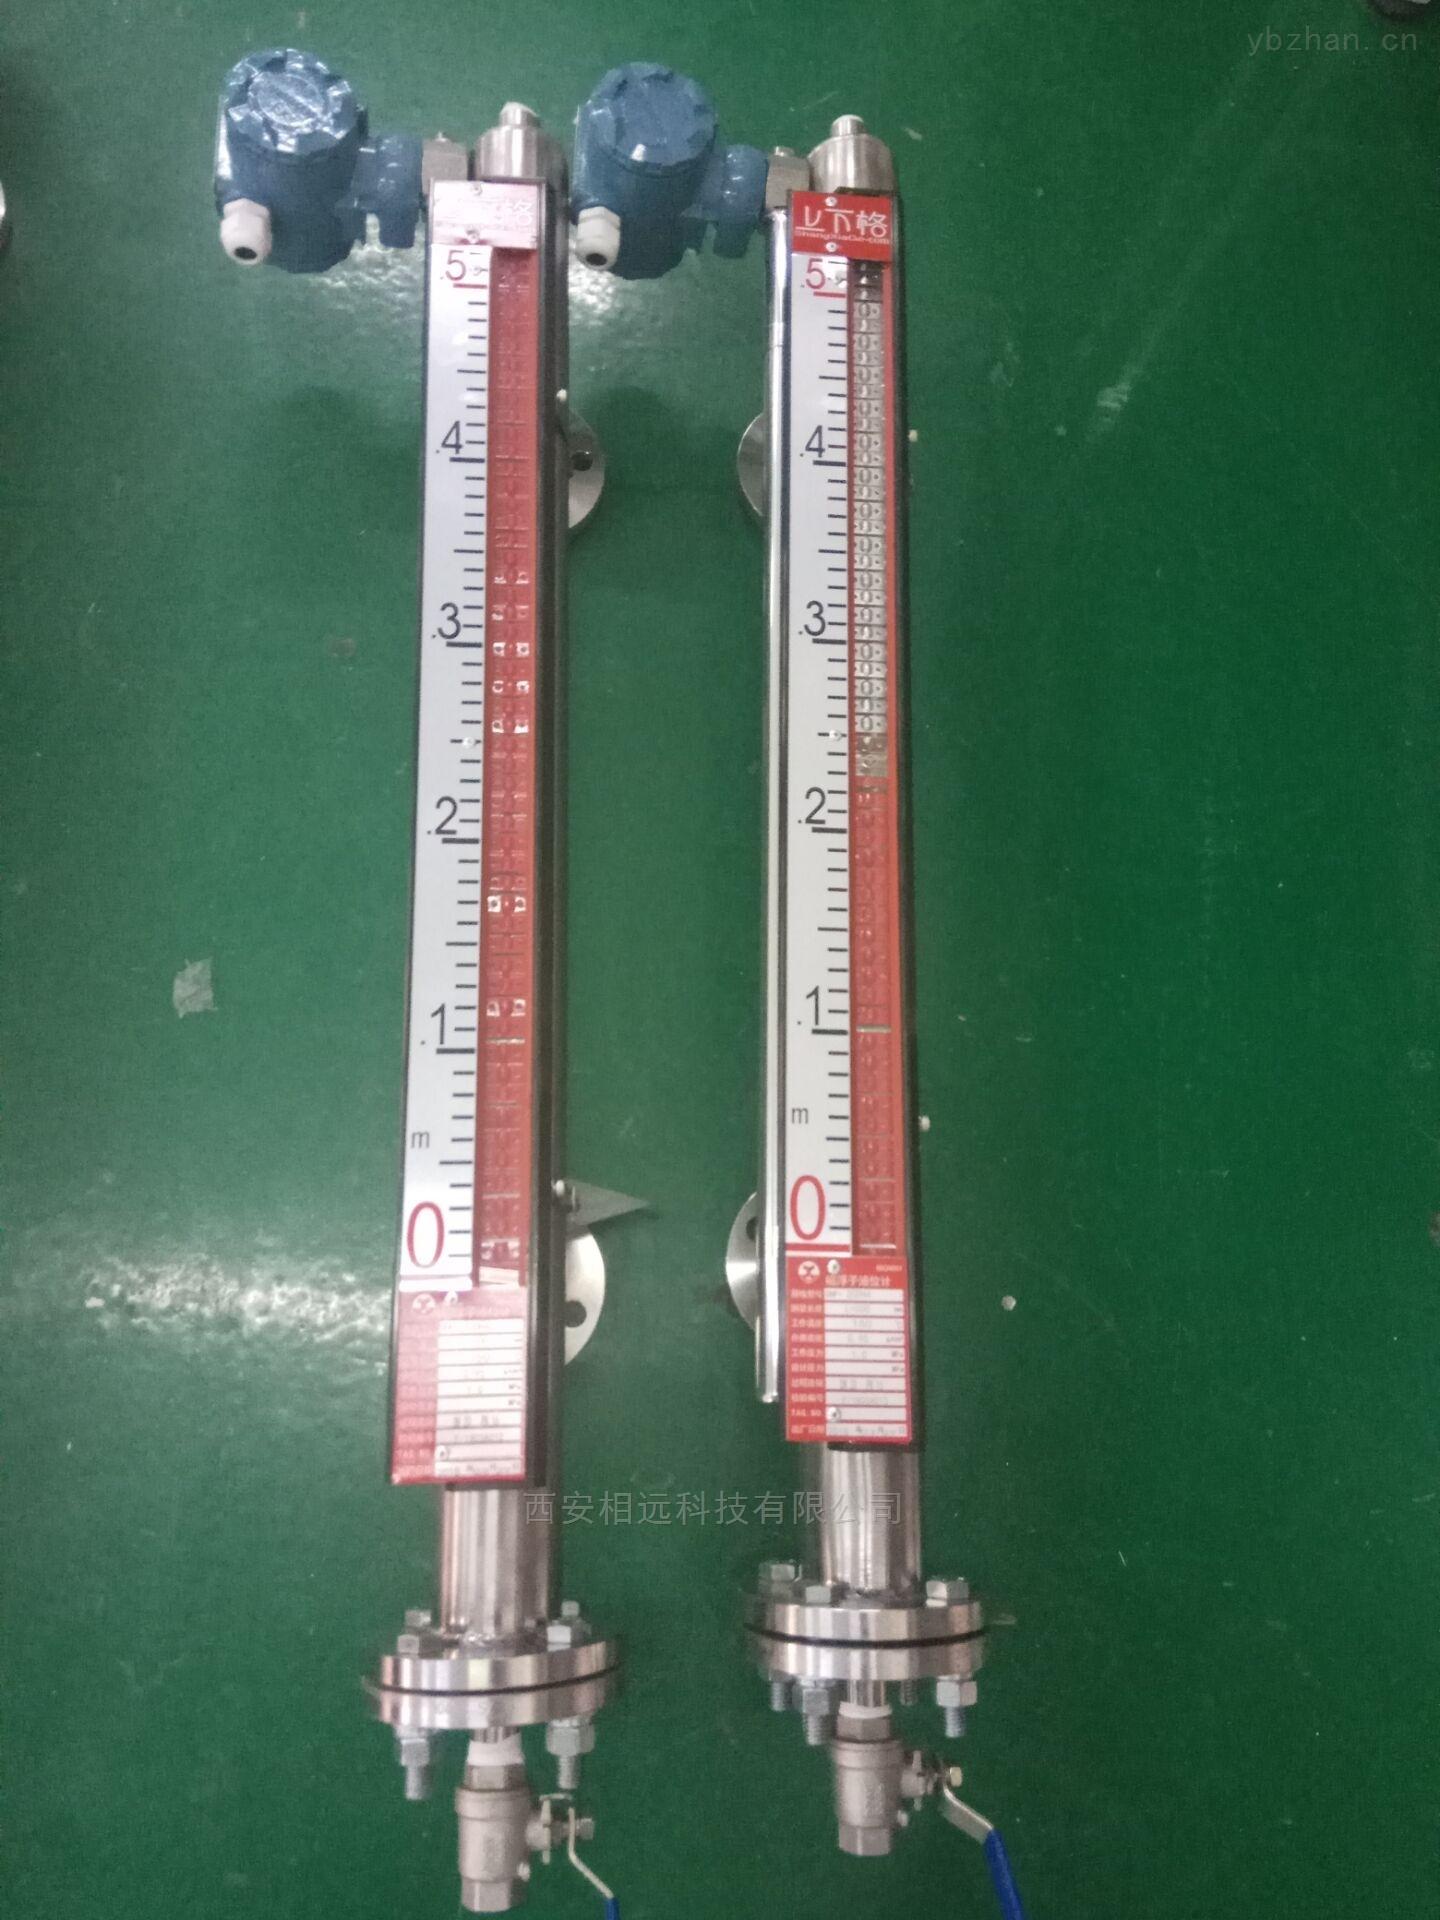 江蘇加藥設備液位儀表質量檢查罐液位計